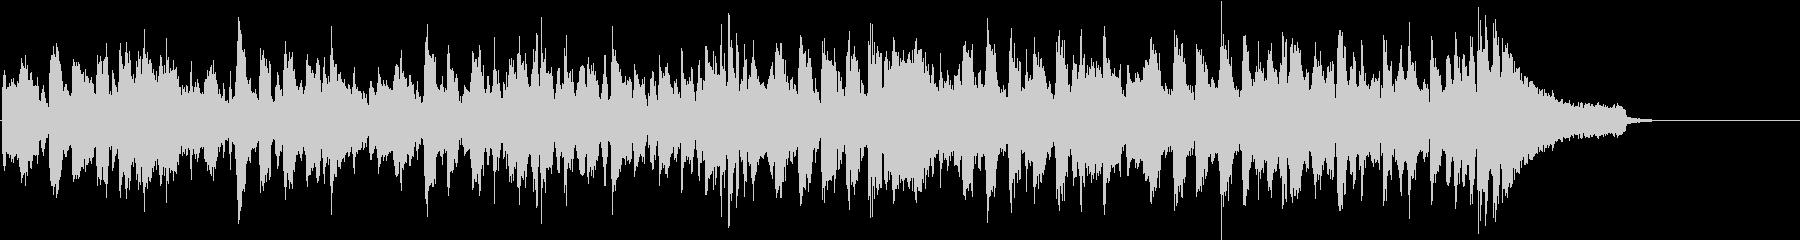 クールでダンサブルなBGM スキャットの未再生の波形